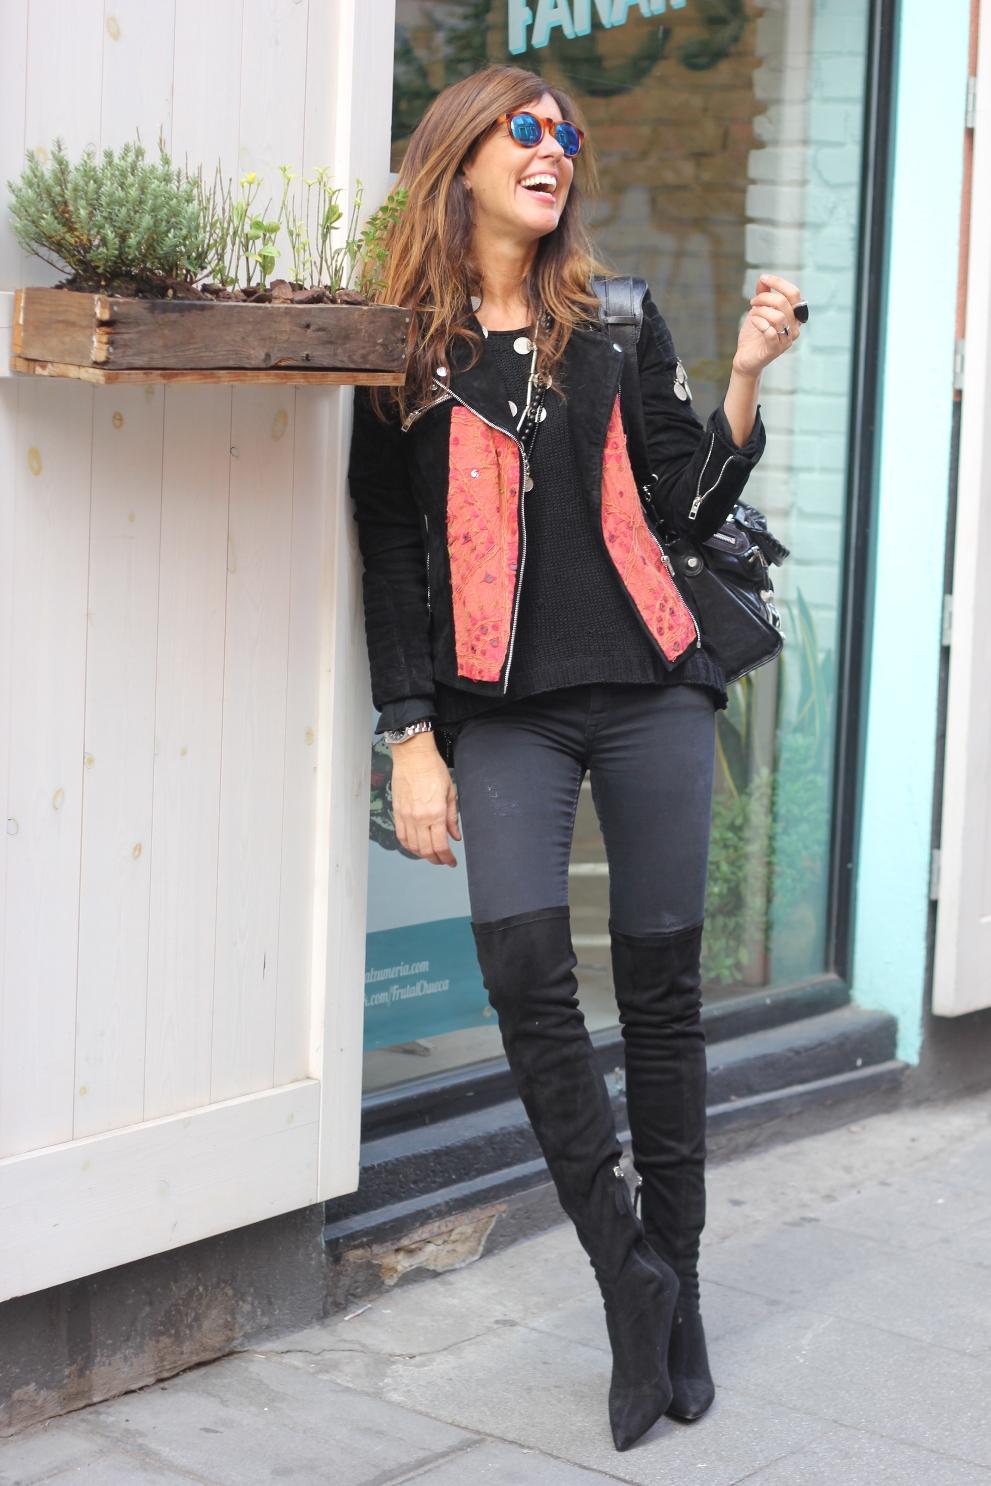 diy boho jacket by mytenida-62459-mytenida